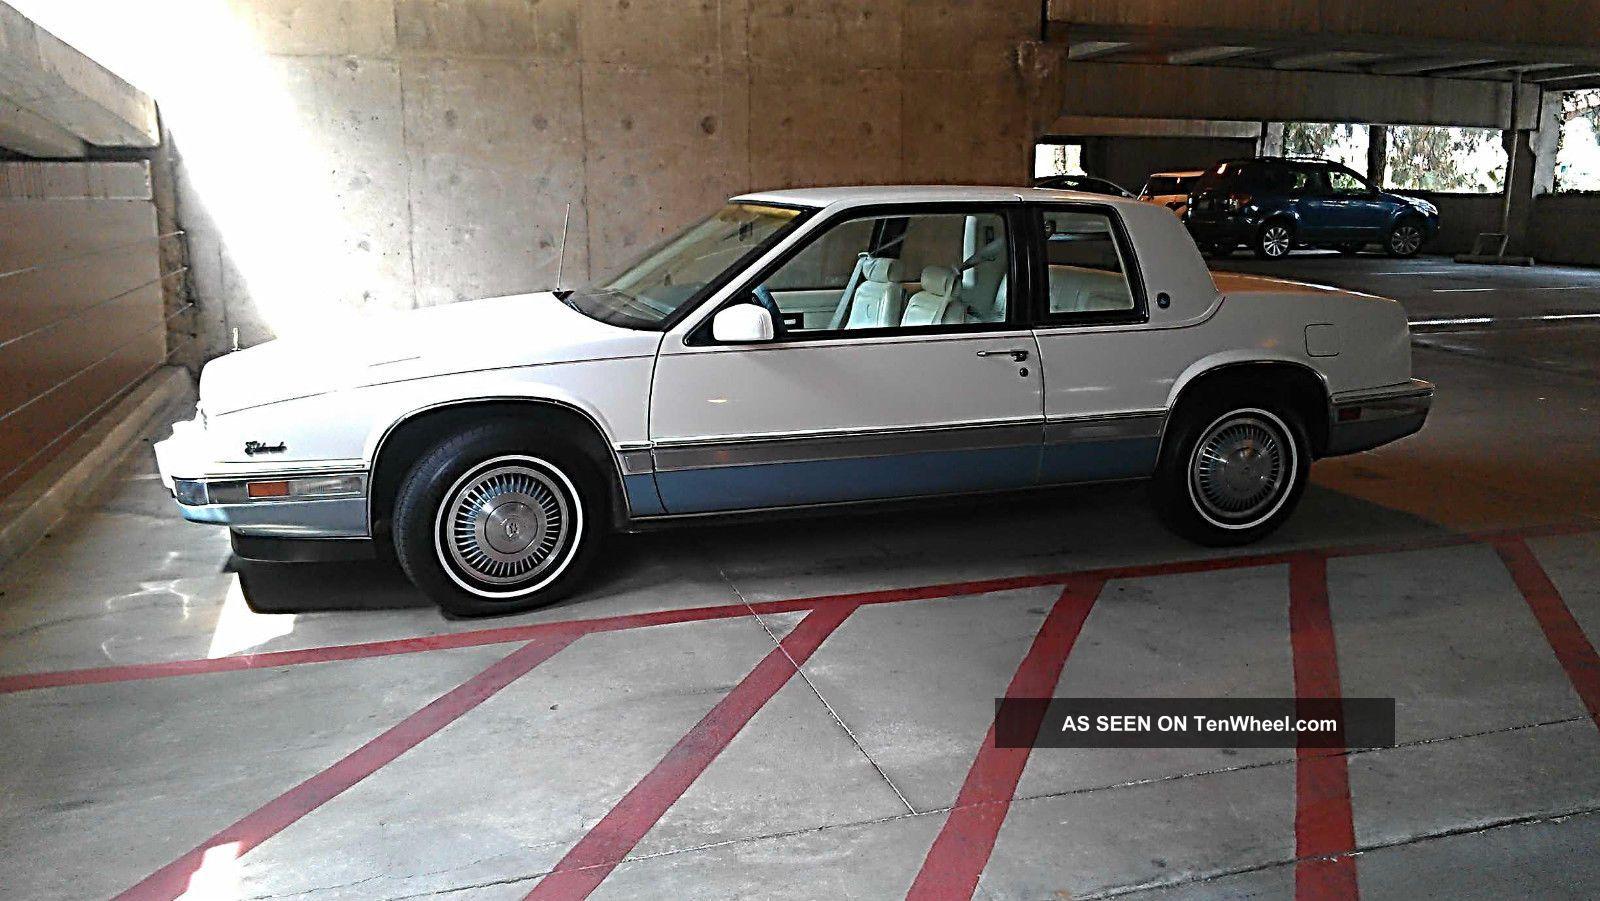 1986 cadillac eldorado america ii special edition tenwheel